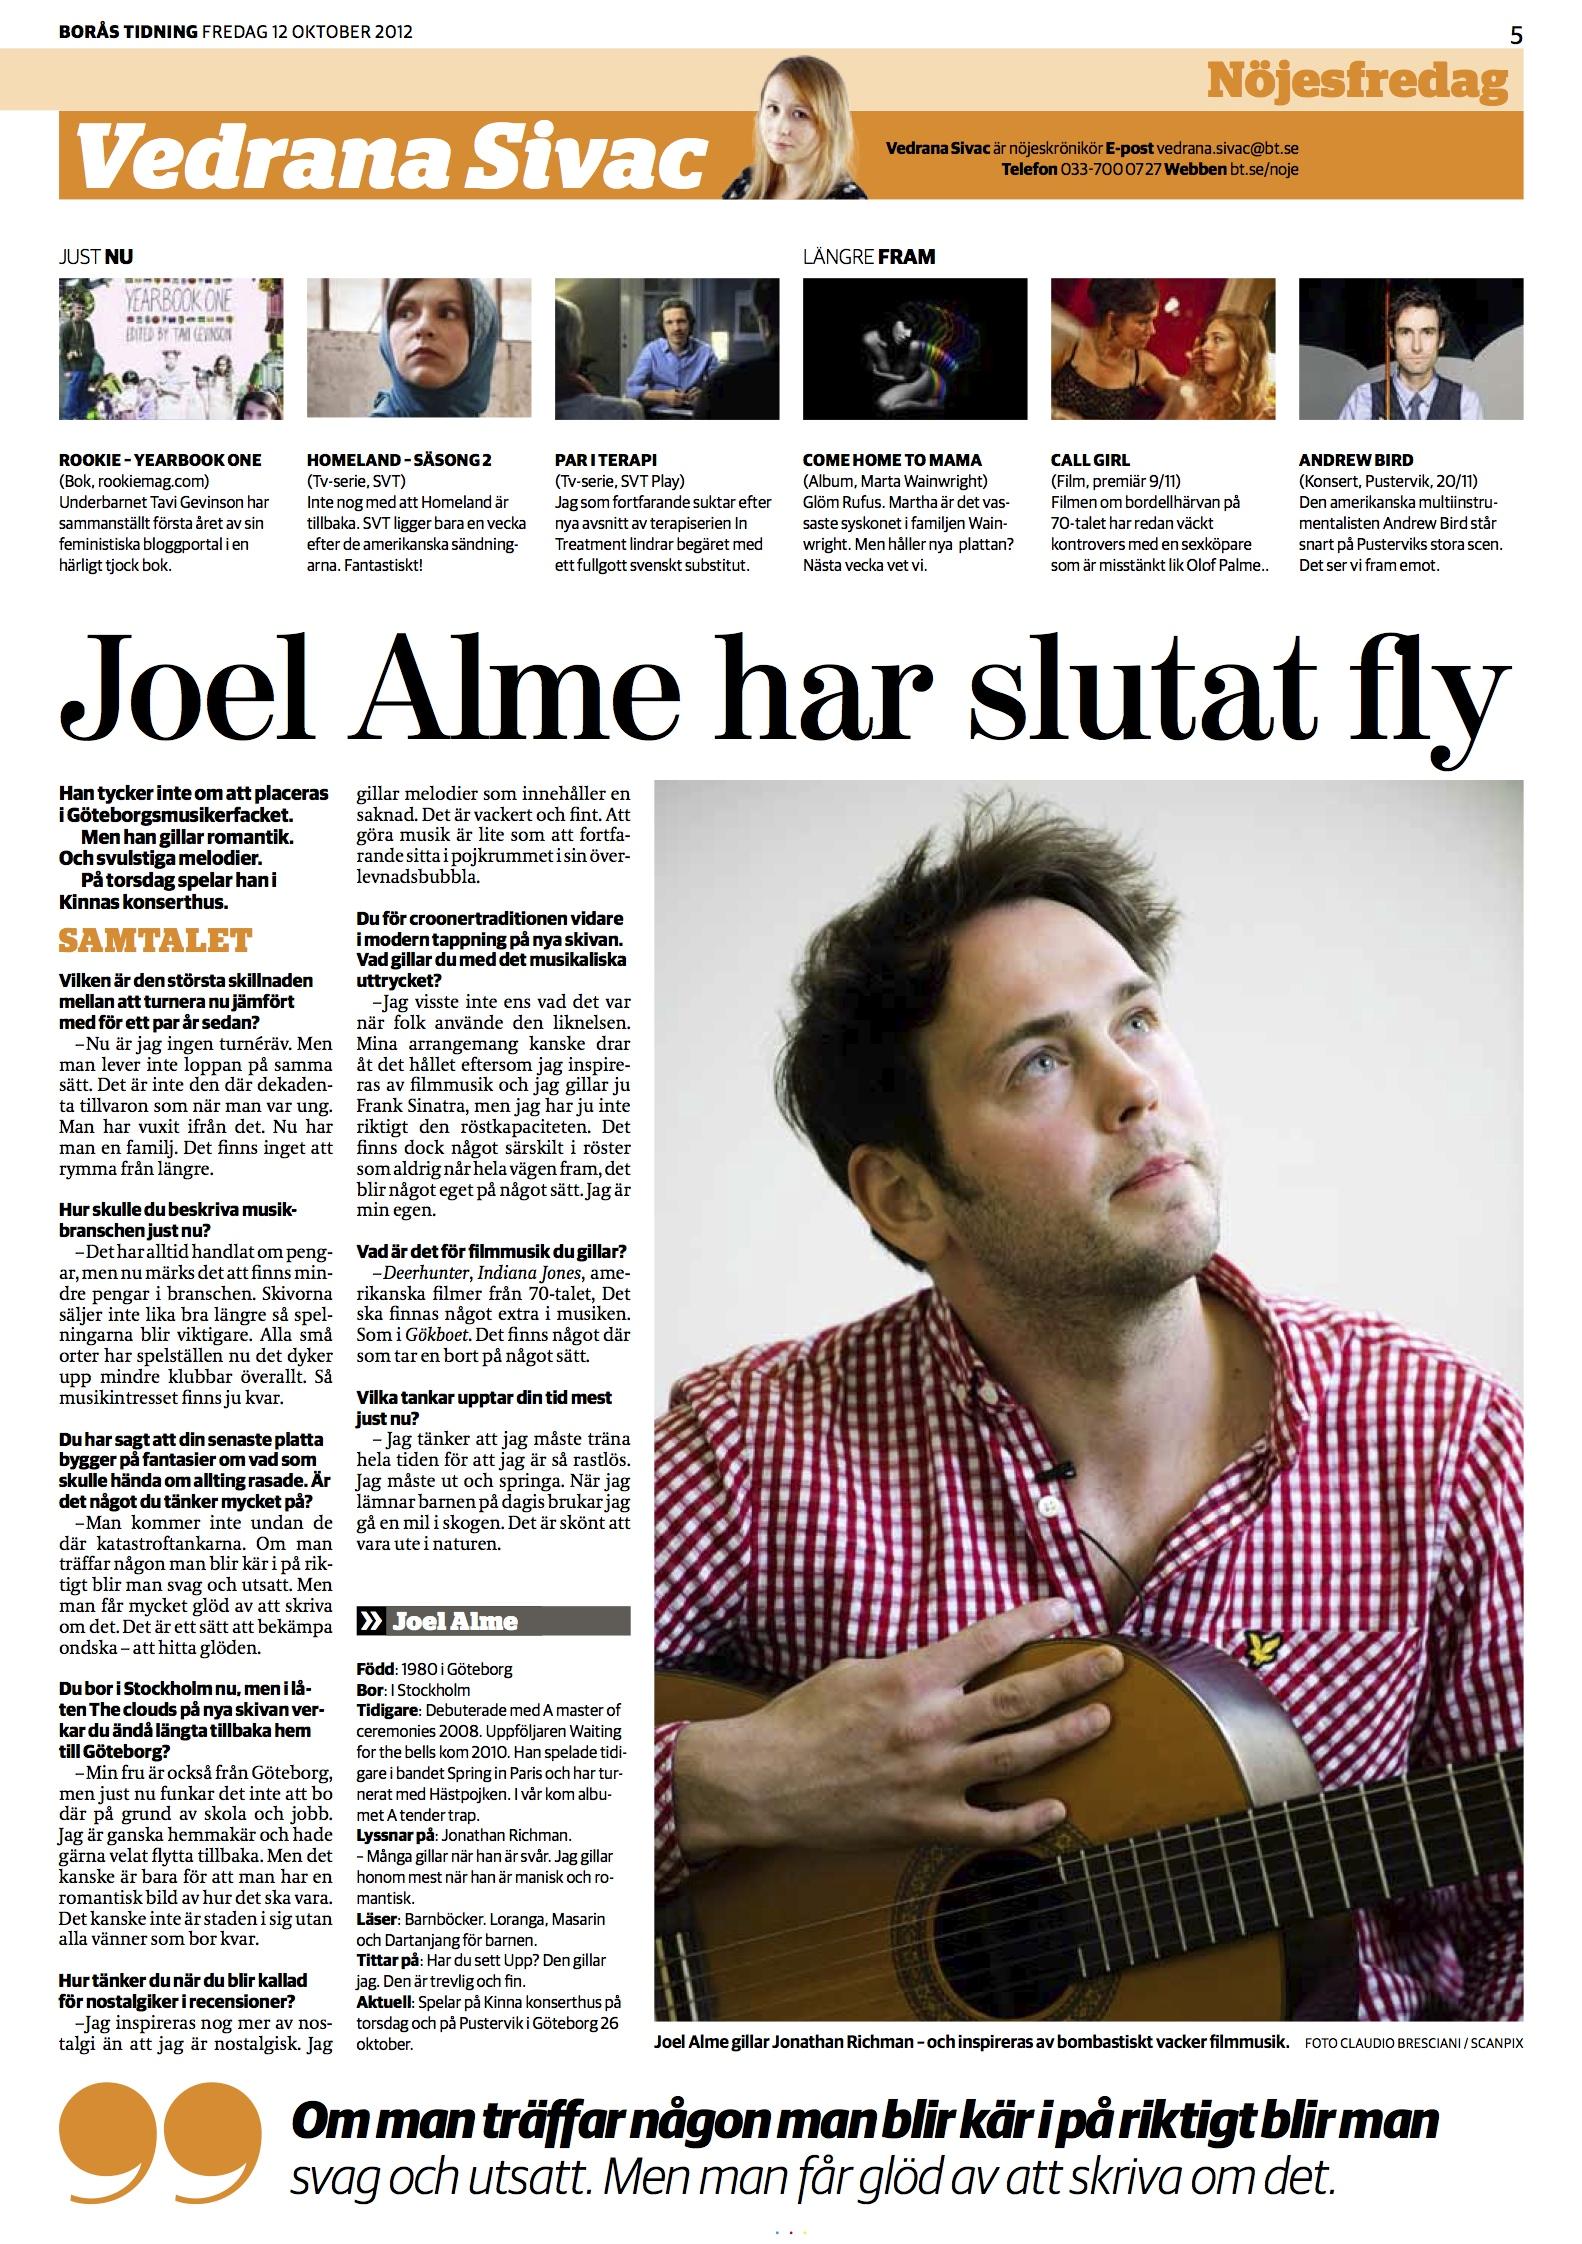 BT-Joel-Alme.jpg